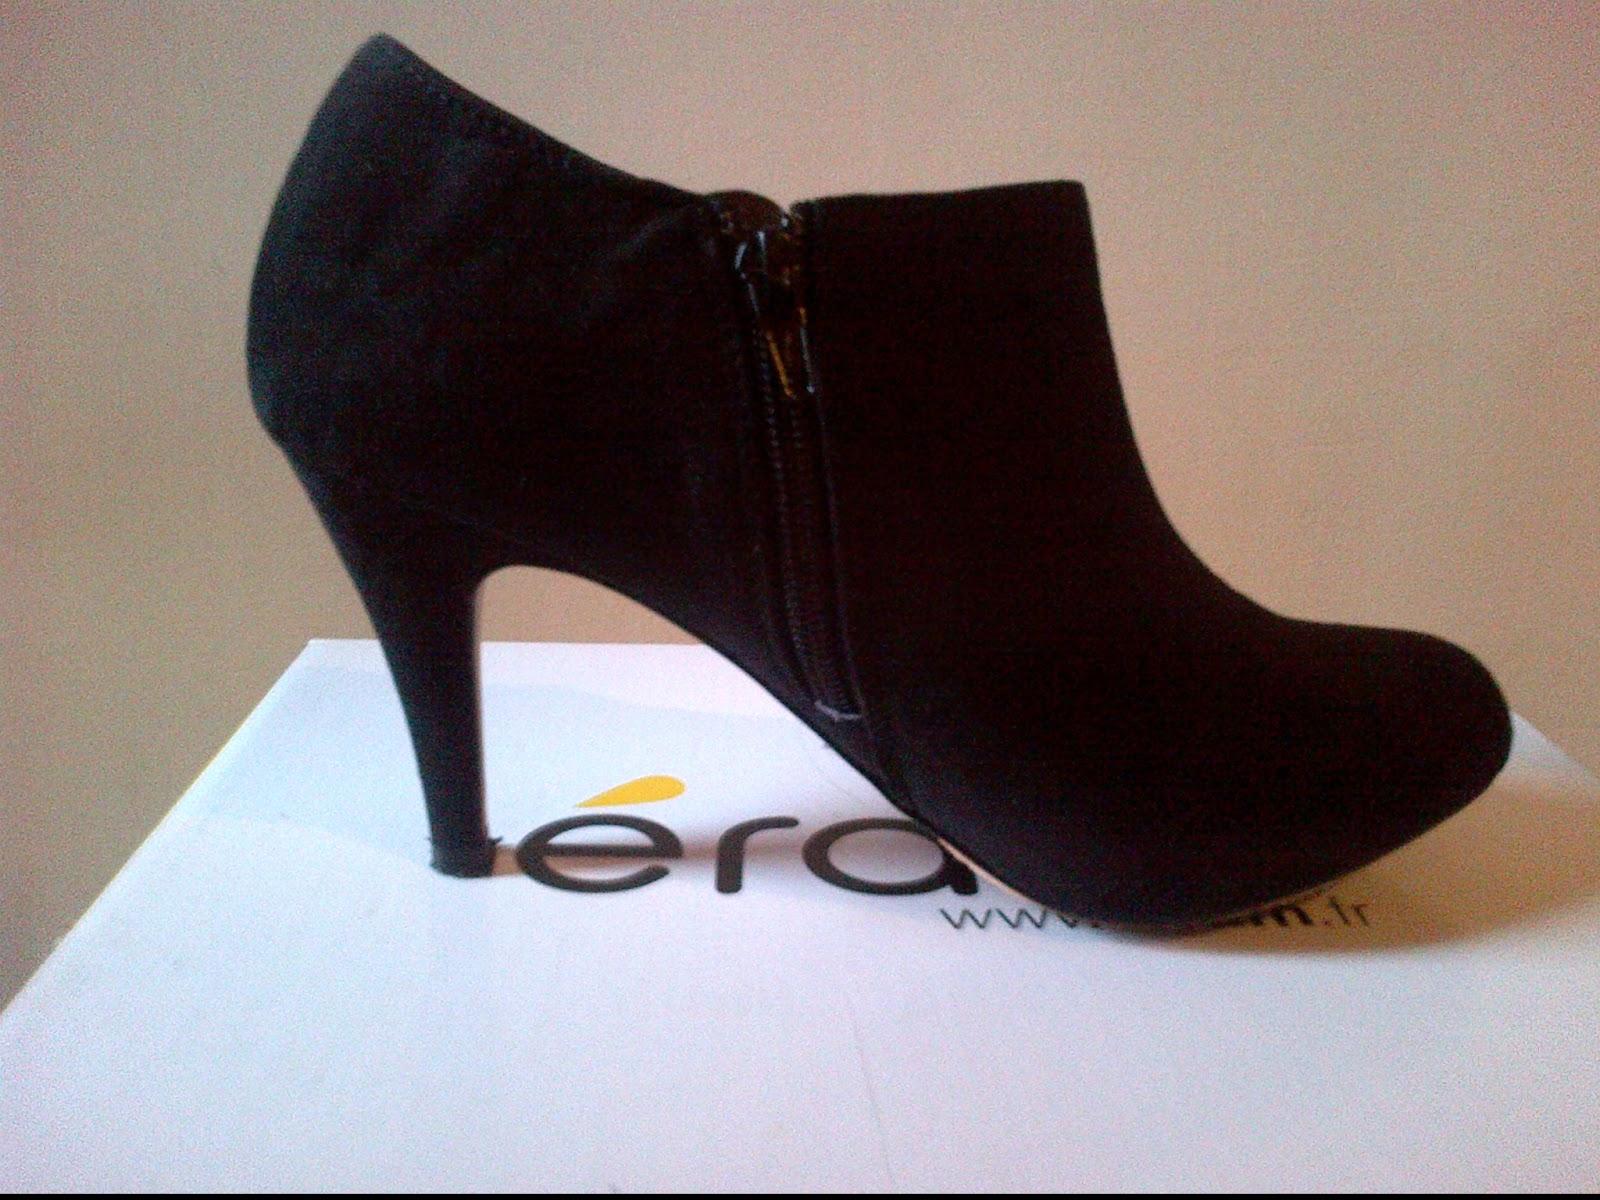 Célèbre envidedressing: Low boots / bottines en daim noir - taille 38 - 30  US58